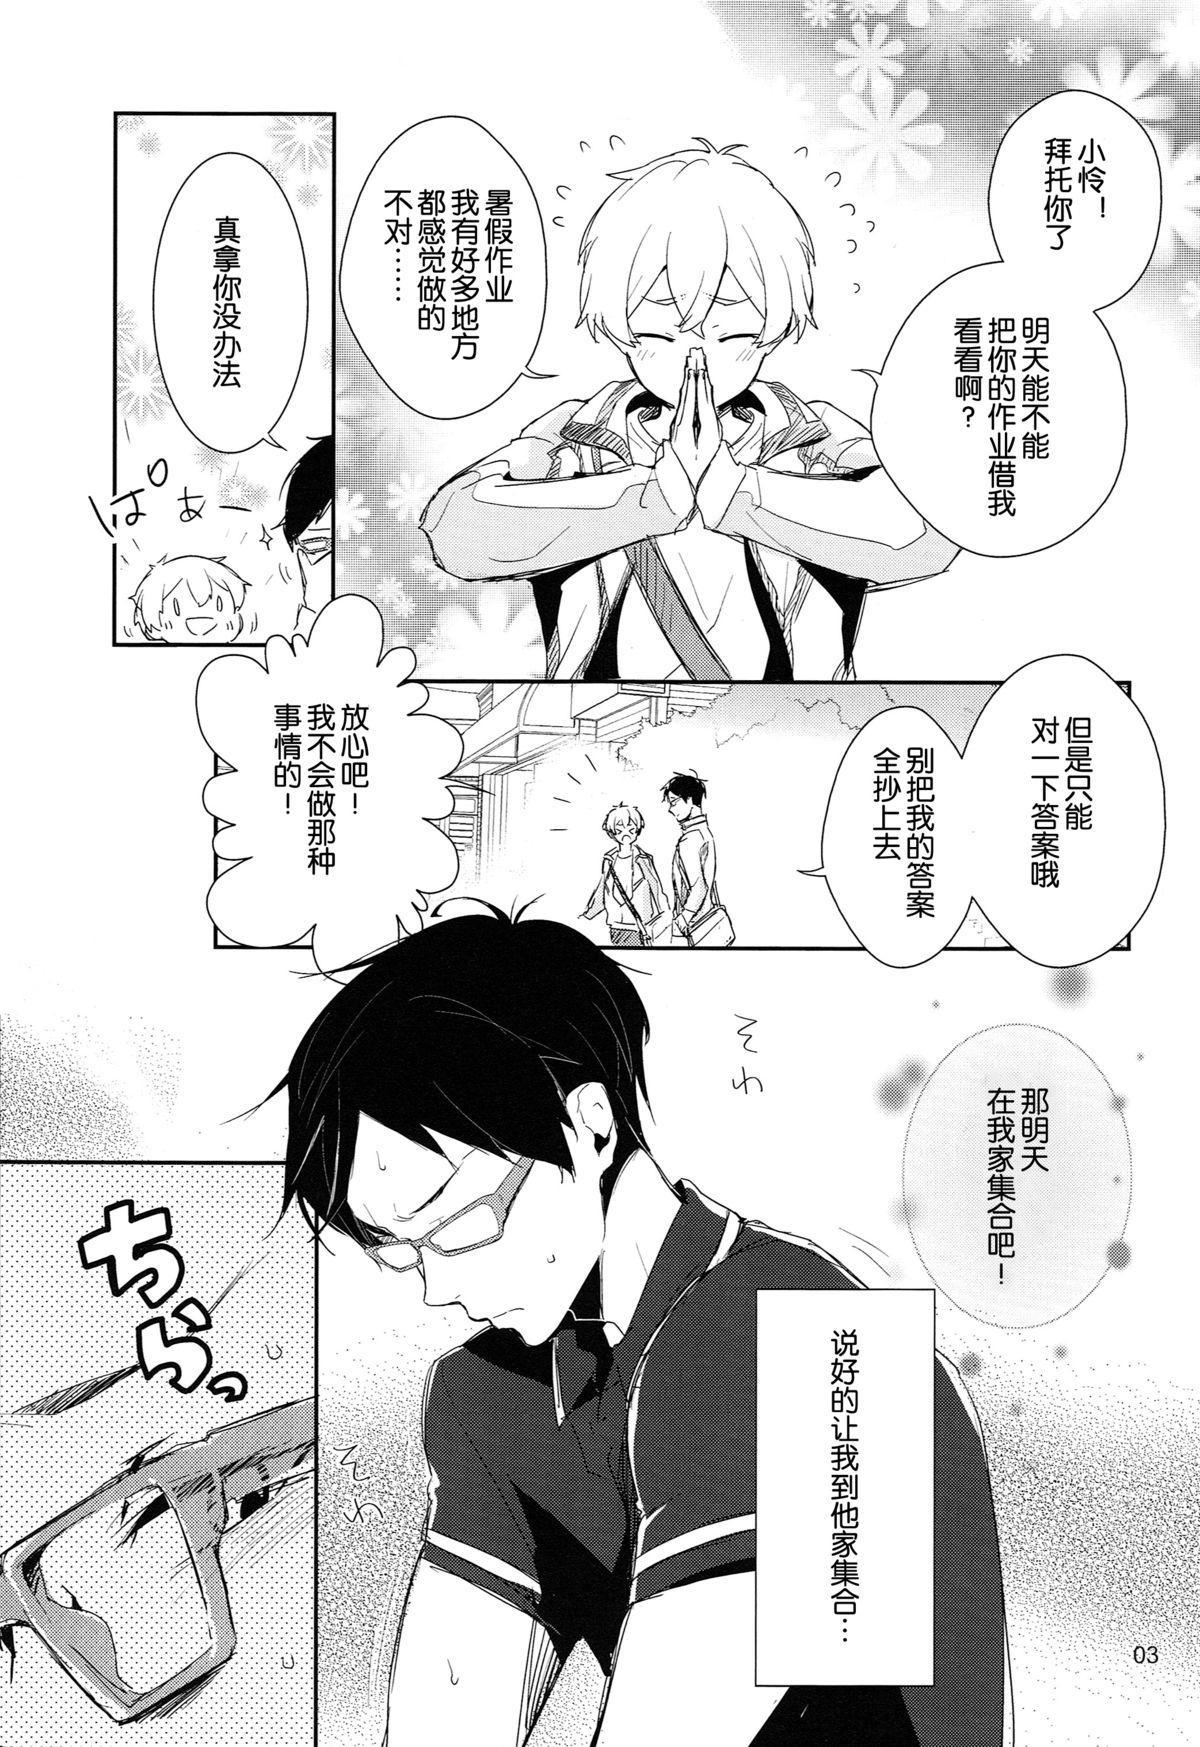 Ryuugazaki nanigashi wa seiyoku wo moteamashite iru. 1